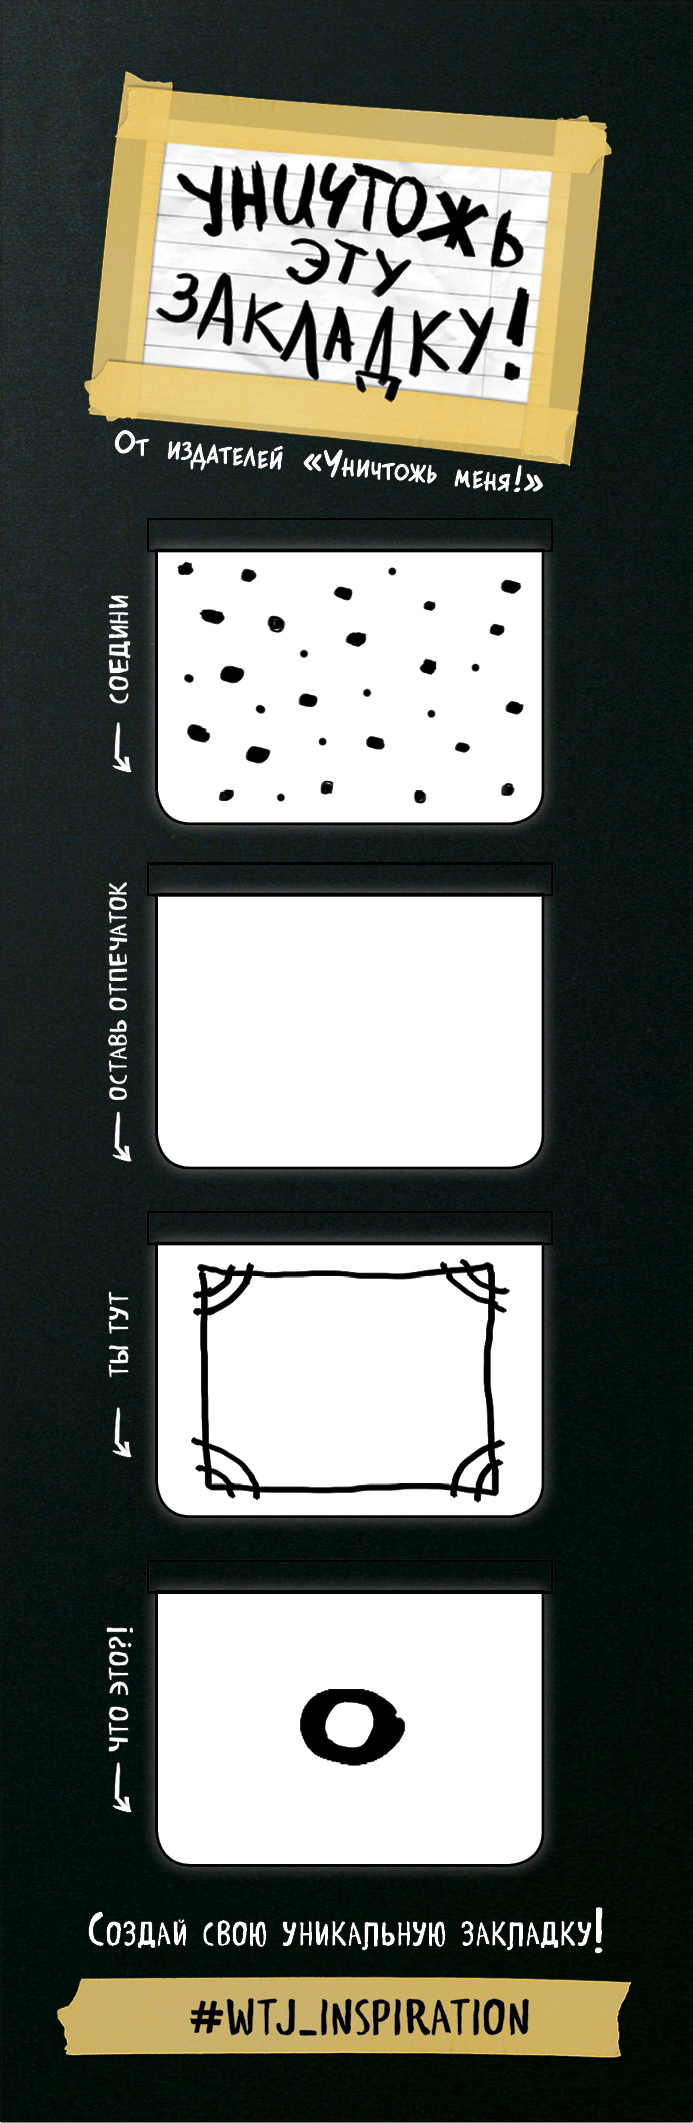 Магнитные закладки. Уничтожь эту закладку (4 прямоугольные закладки) закладки косметическая история